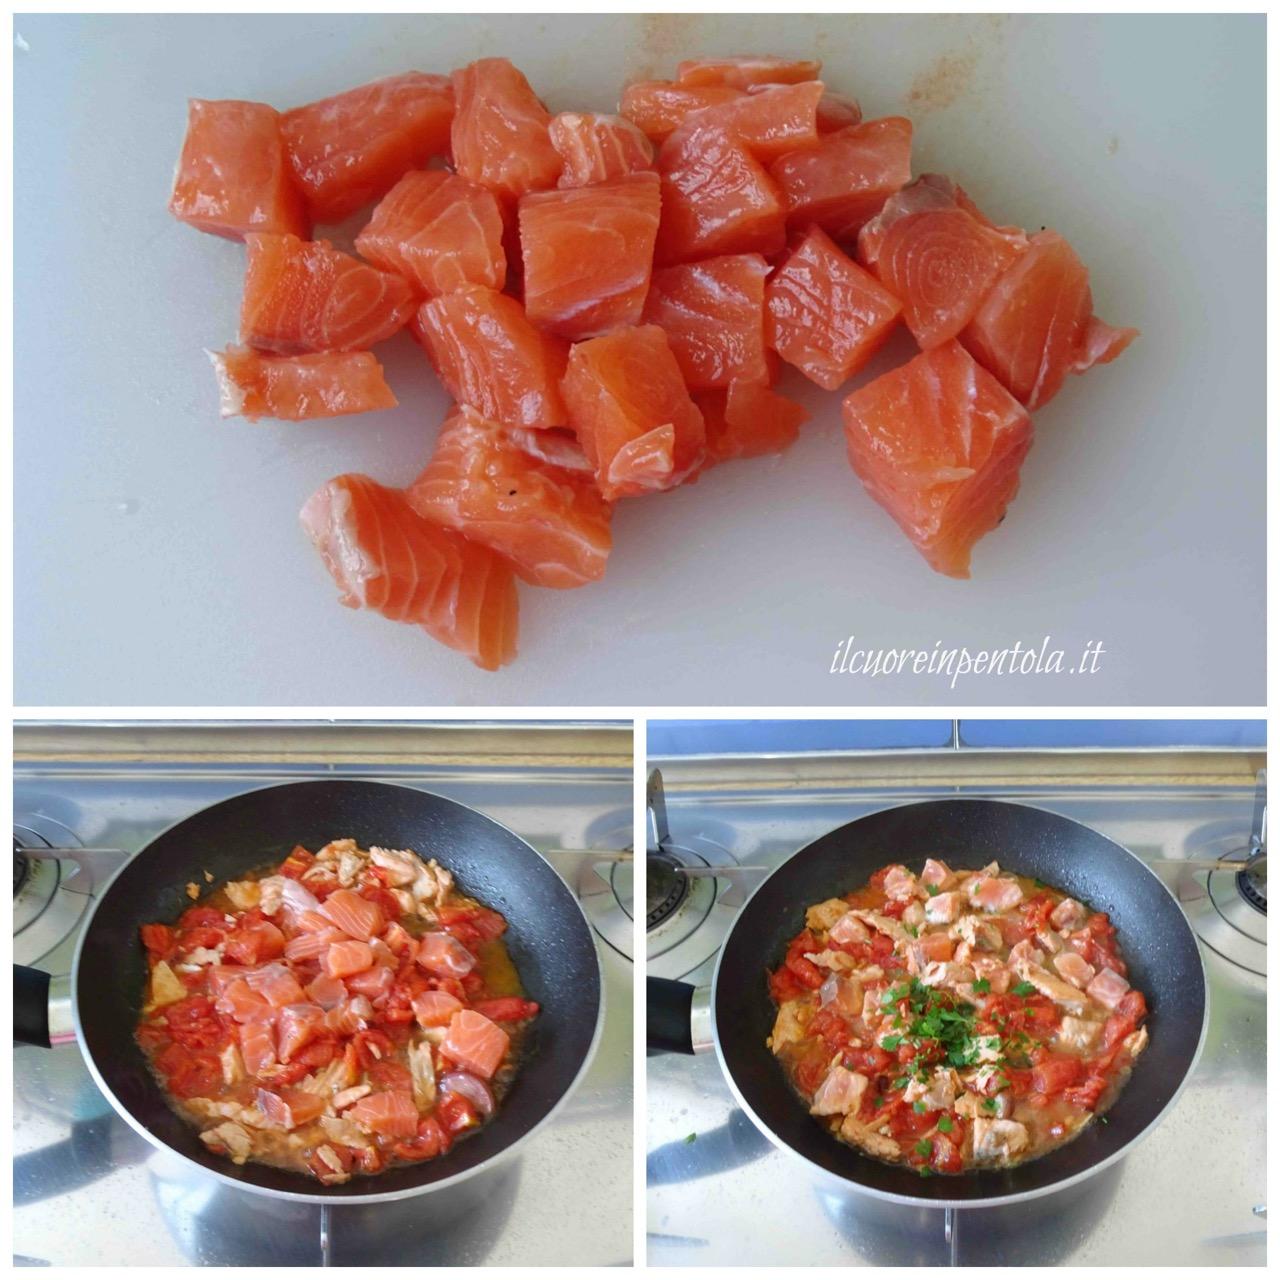 aggiungere salmone e cuocere